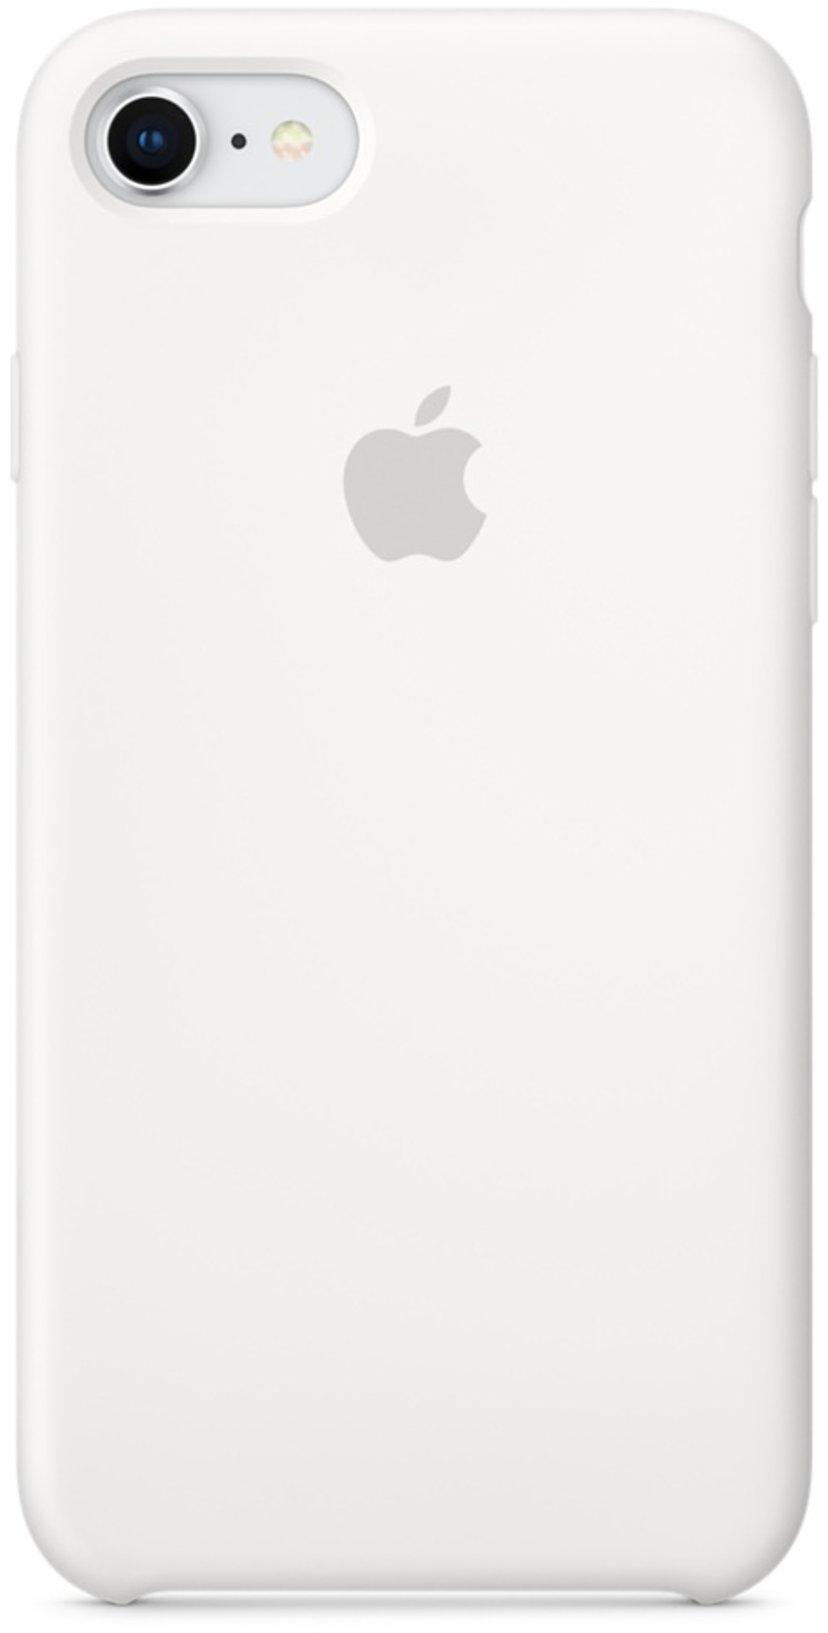 Apple Baksidesskydd för mobiltelefon Silikon iPhone 7; iPhone 8 Vit